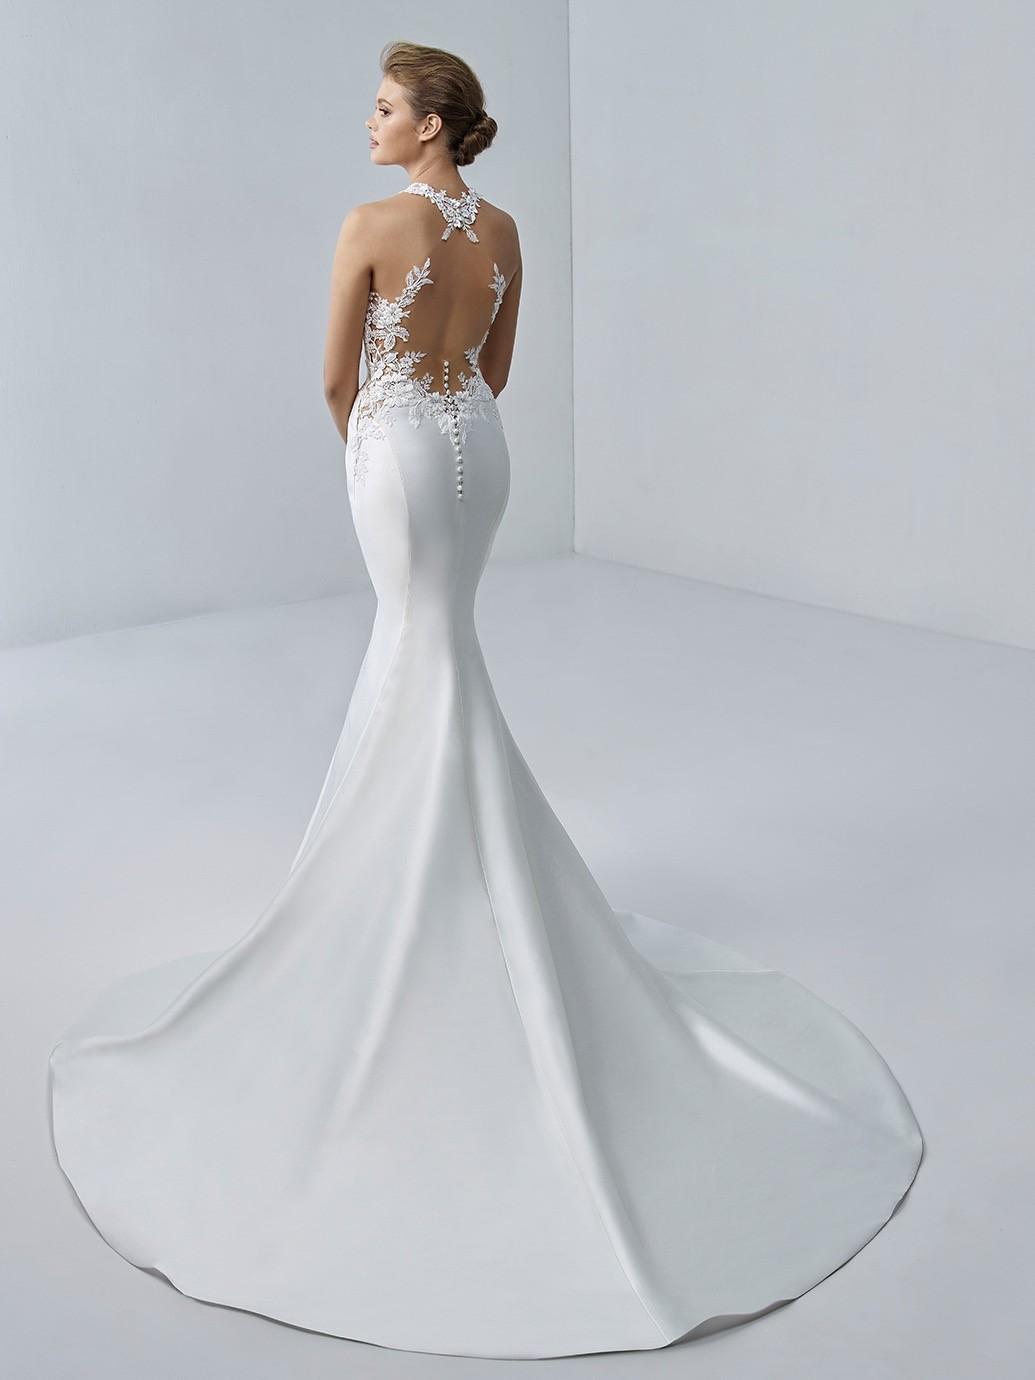 Weißes Mermaid-Brautkleid mit Neckholder-Ausschnitt und Tattoo-Effekt im Rücken von Etoile, Modell Camille